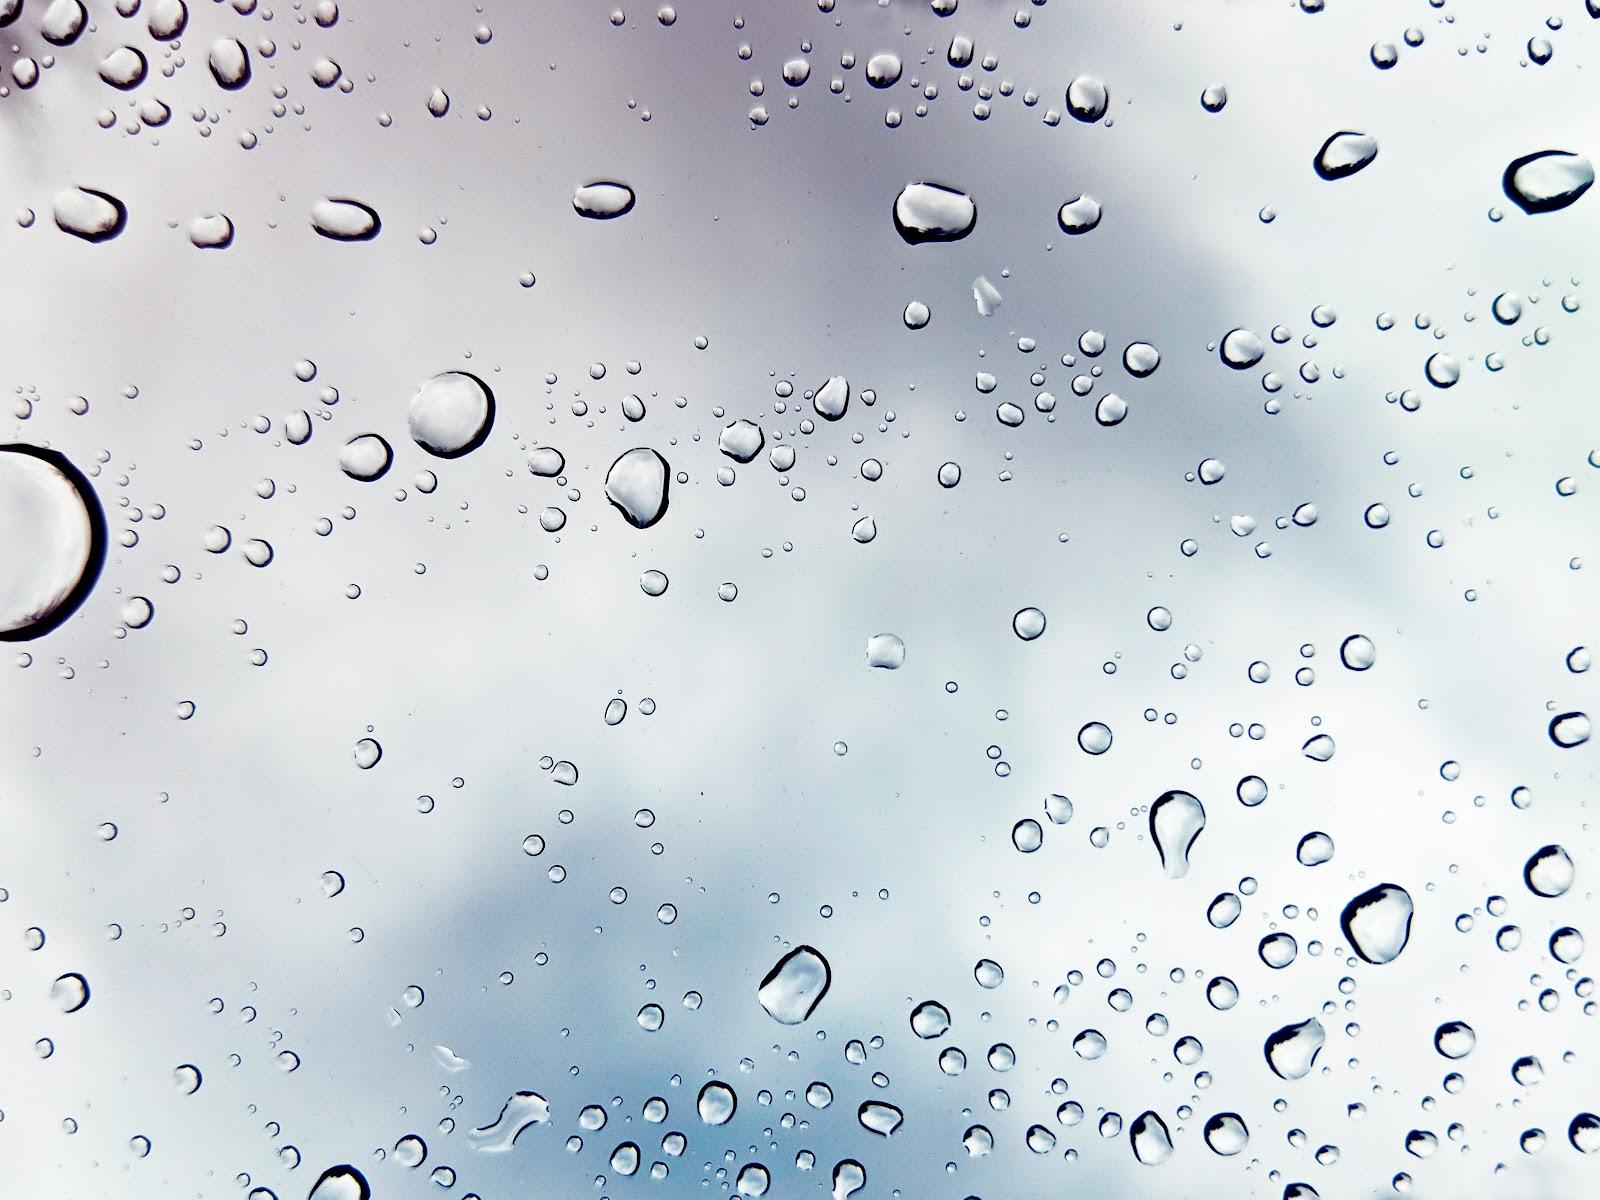 טיפות מים על חלון